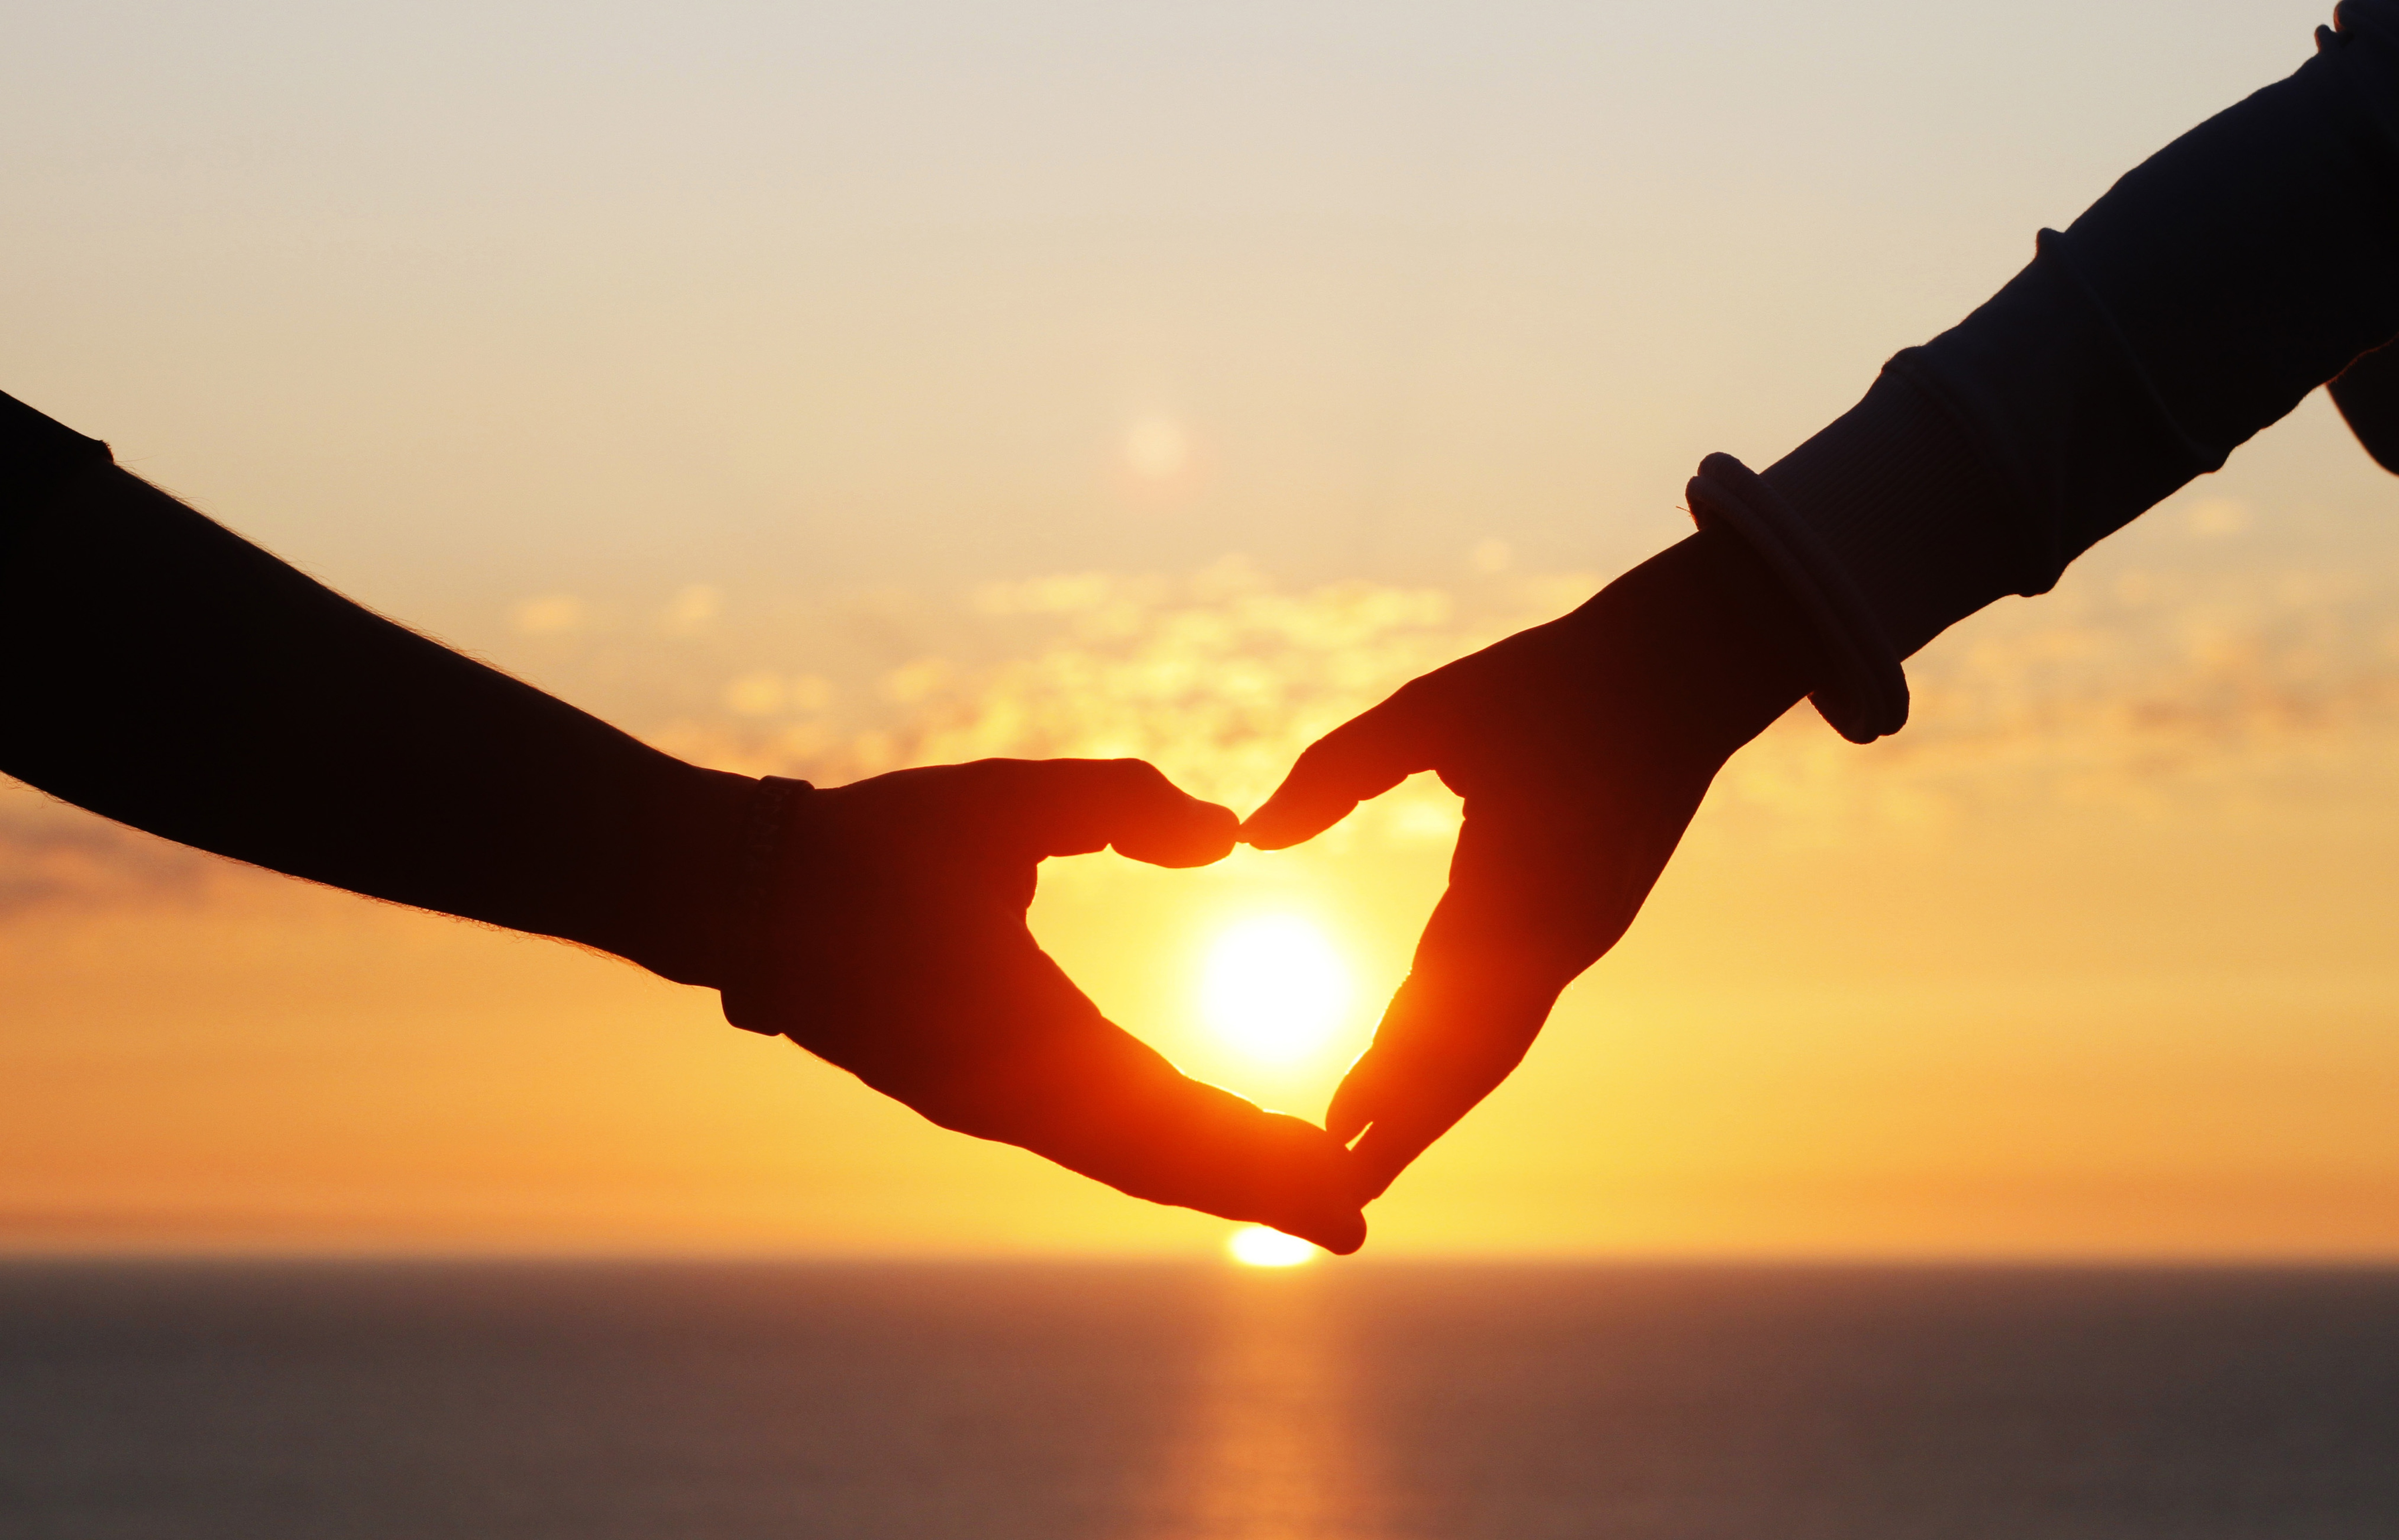 фото сердечек из рук выполнено